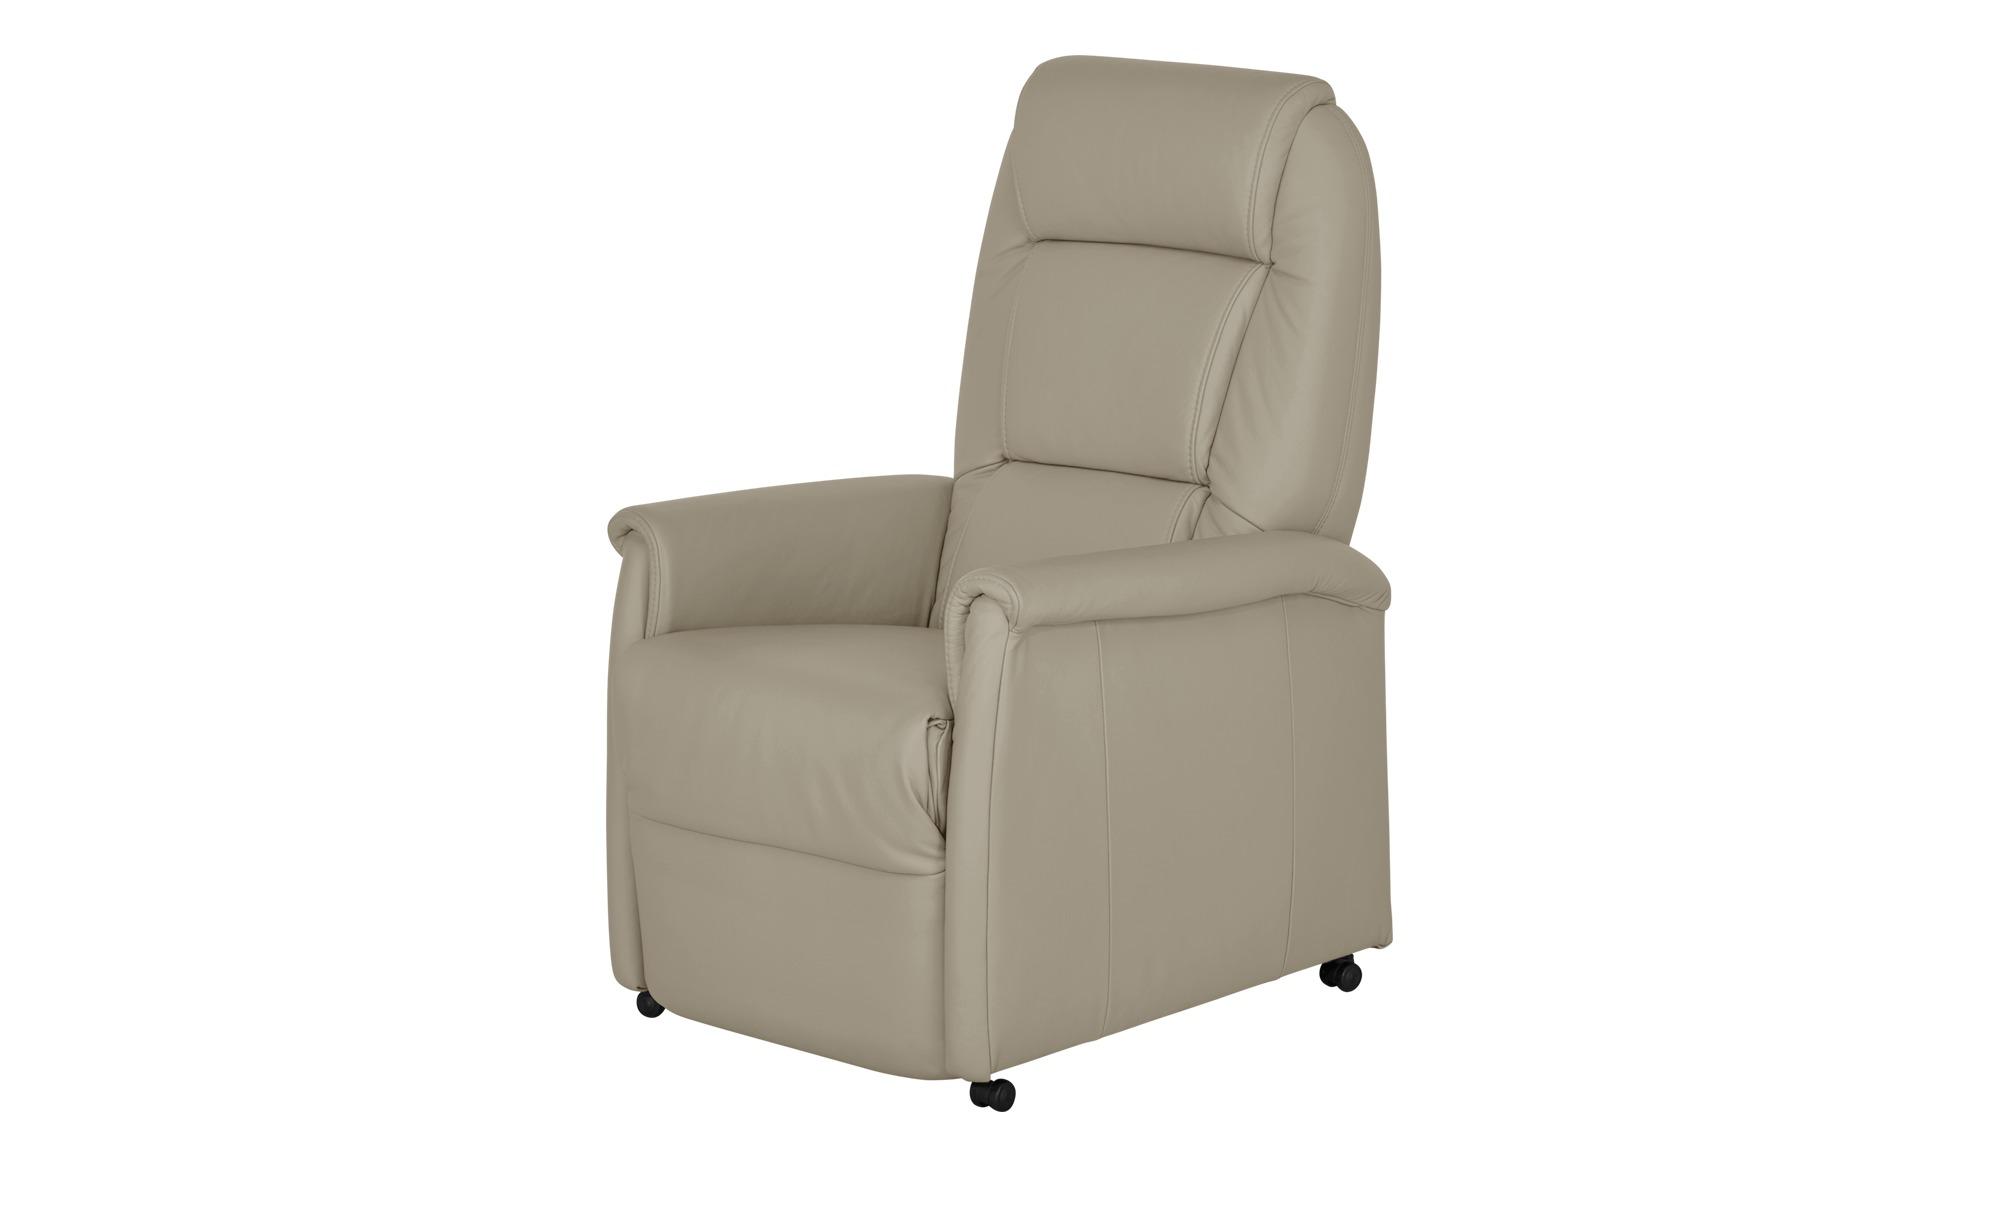 himolla Fernsehsessel  9773 - grau - 69 cm - 110 cm - 85 cm - Polstermöbel > Sessel > Fernsehsessel - Möbel Kraft | Wohnzimmer > Sessel > Fernsehsessel | himolla